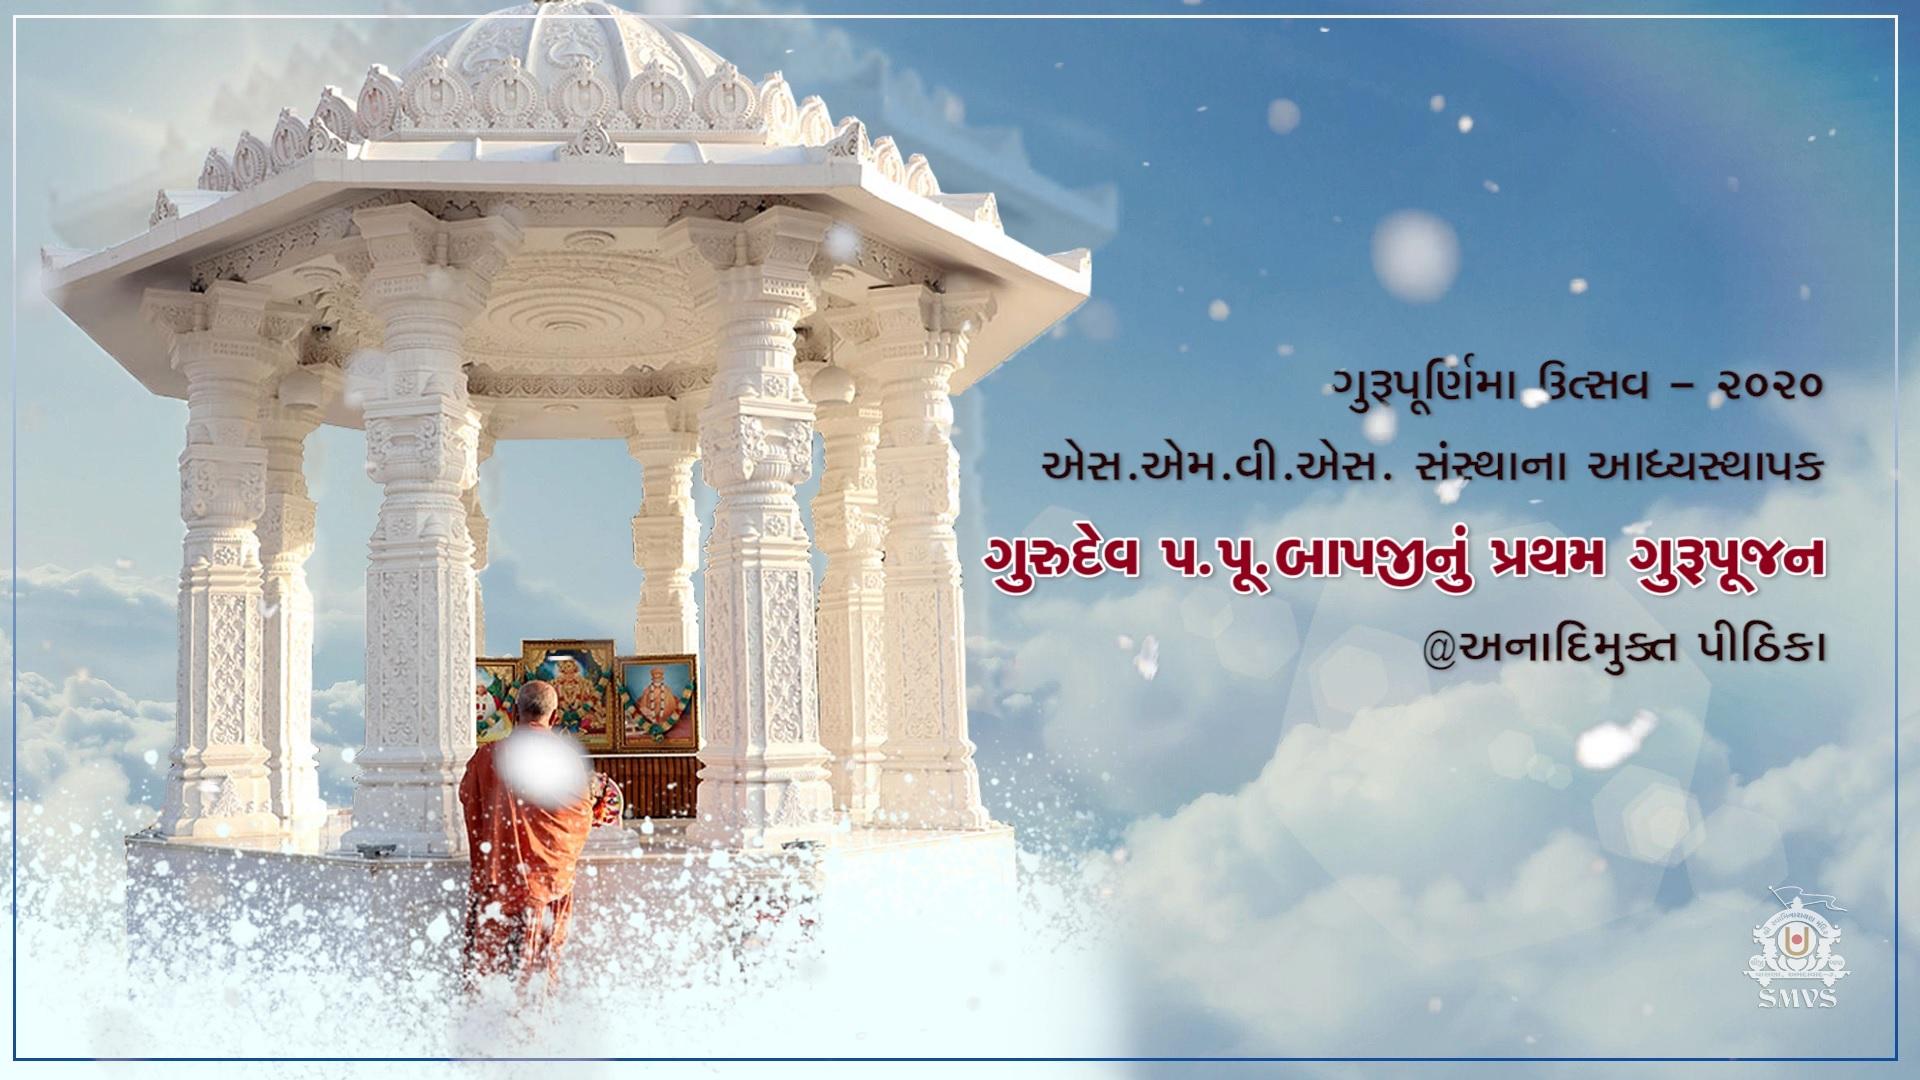 Anadimukta Pithika Darshanam | Guru Purnima - 05 July, 2020